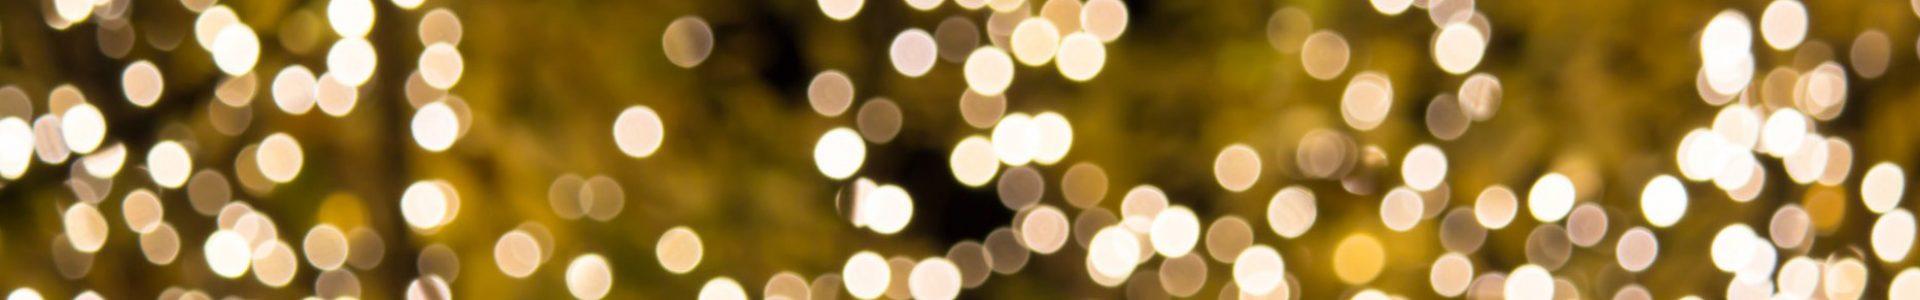 lights-163883